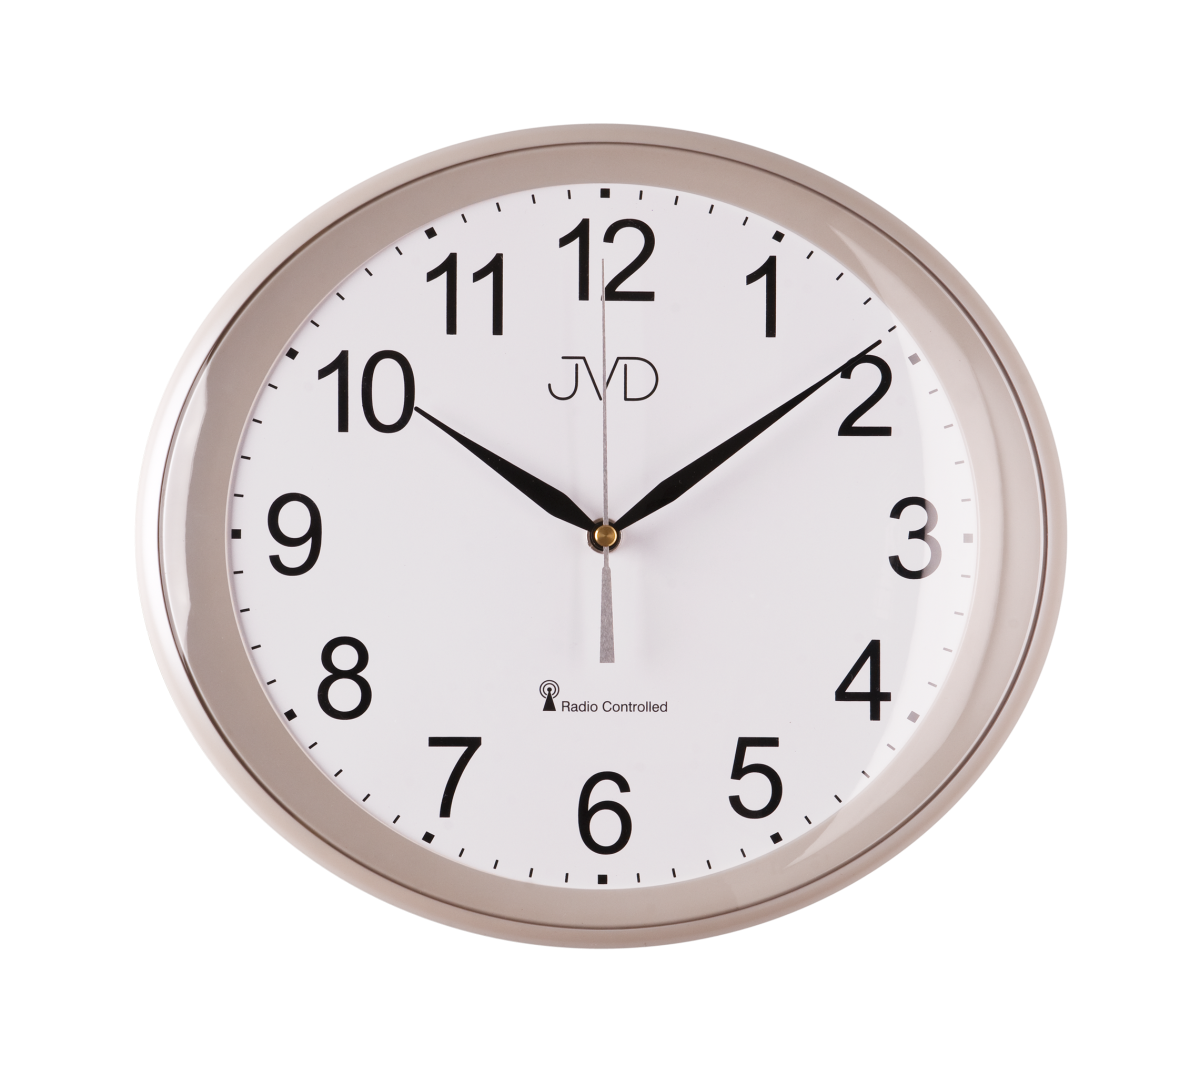 JVD Rádiem řízené nástěnné hodiny, hodiny na zeď RH 64.5.5